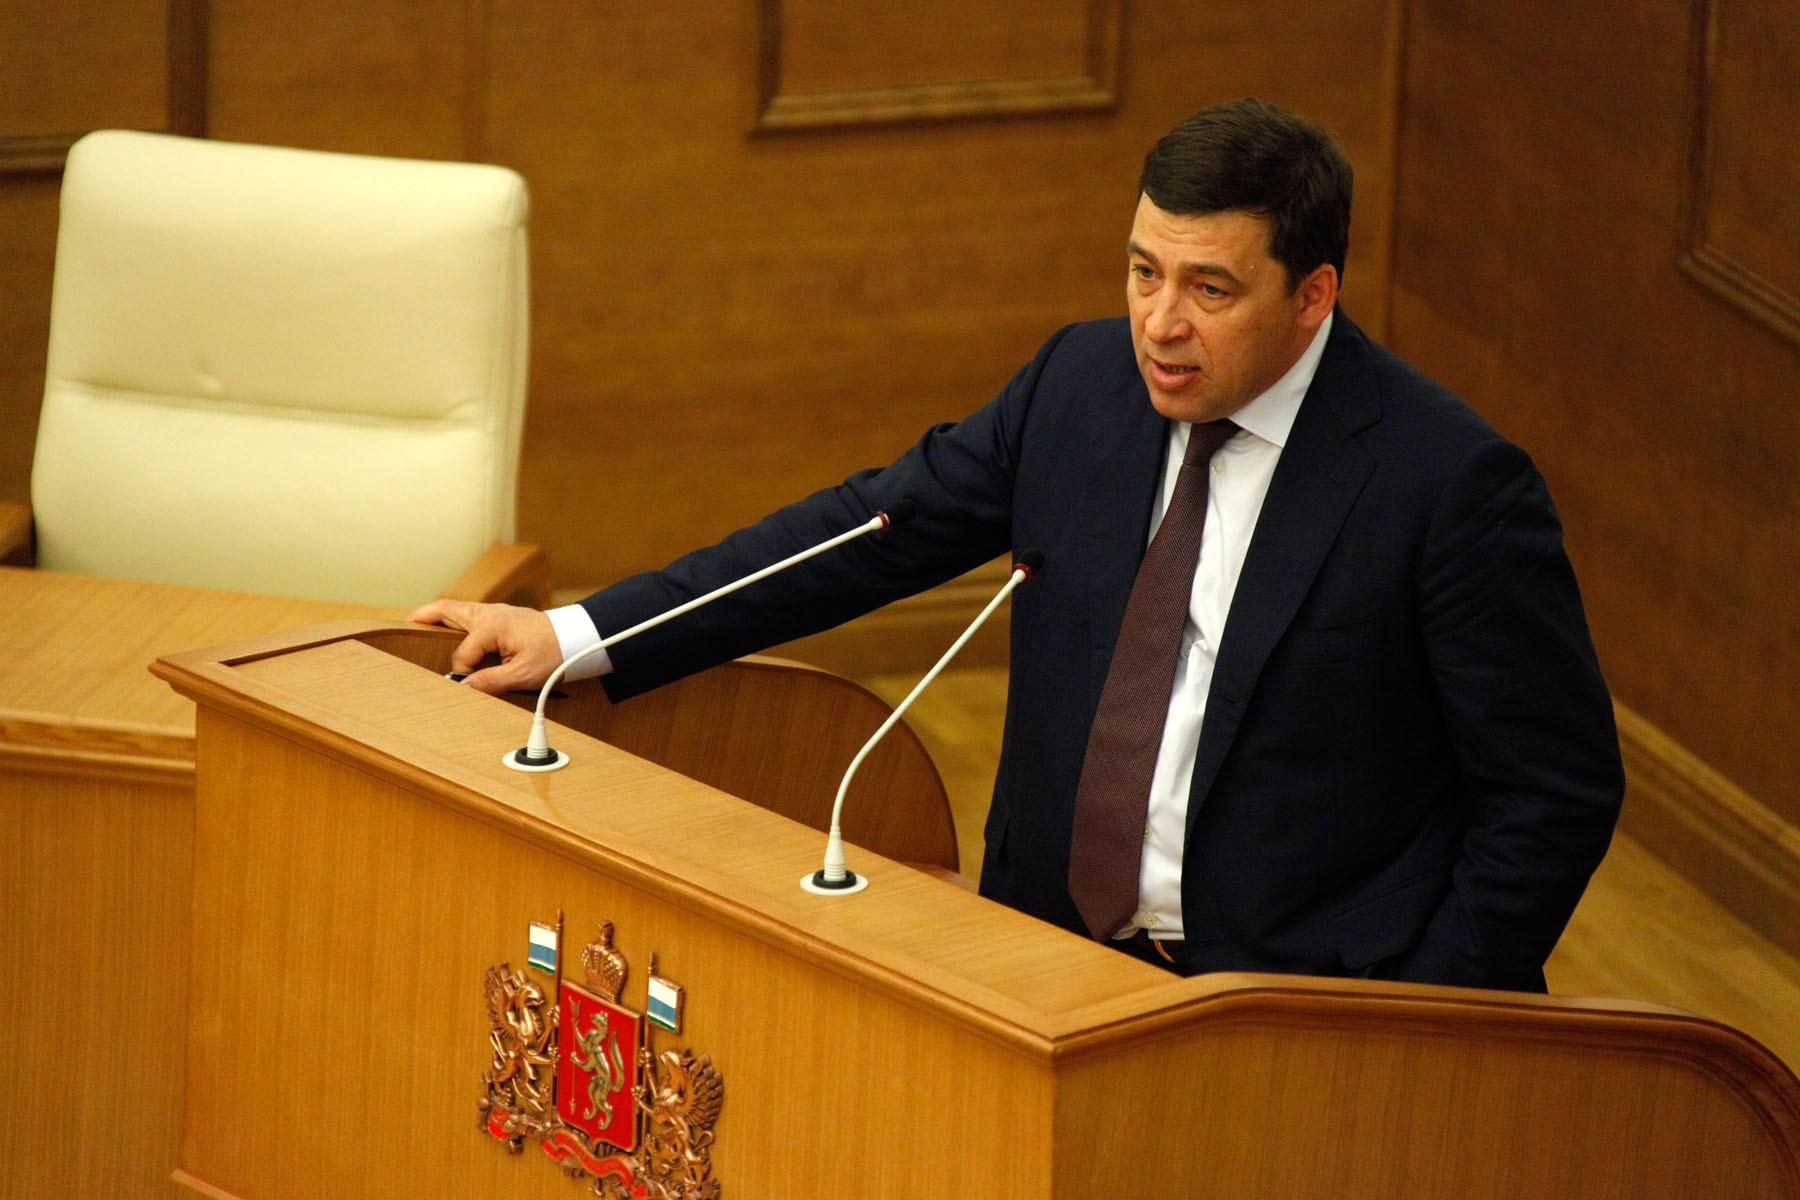 Дежавю: Евгений Куйвашев снова предложил жить по средствам